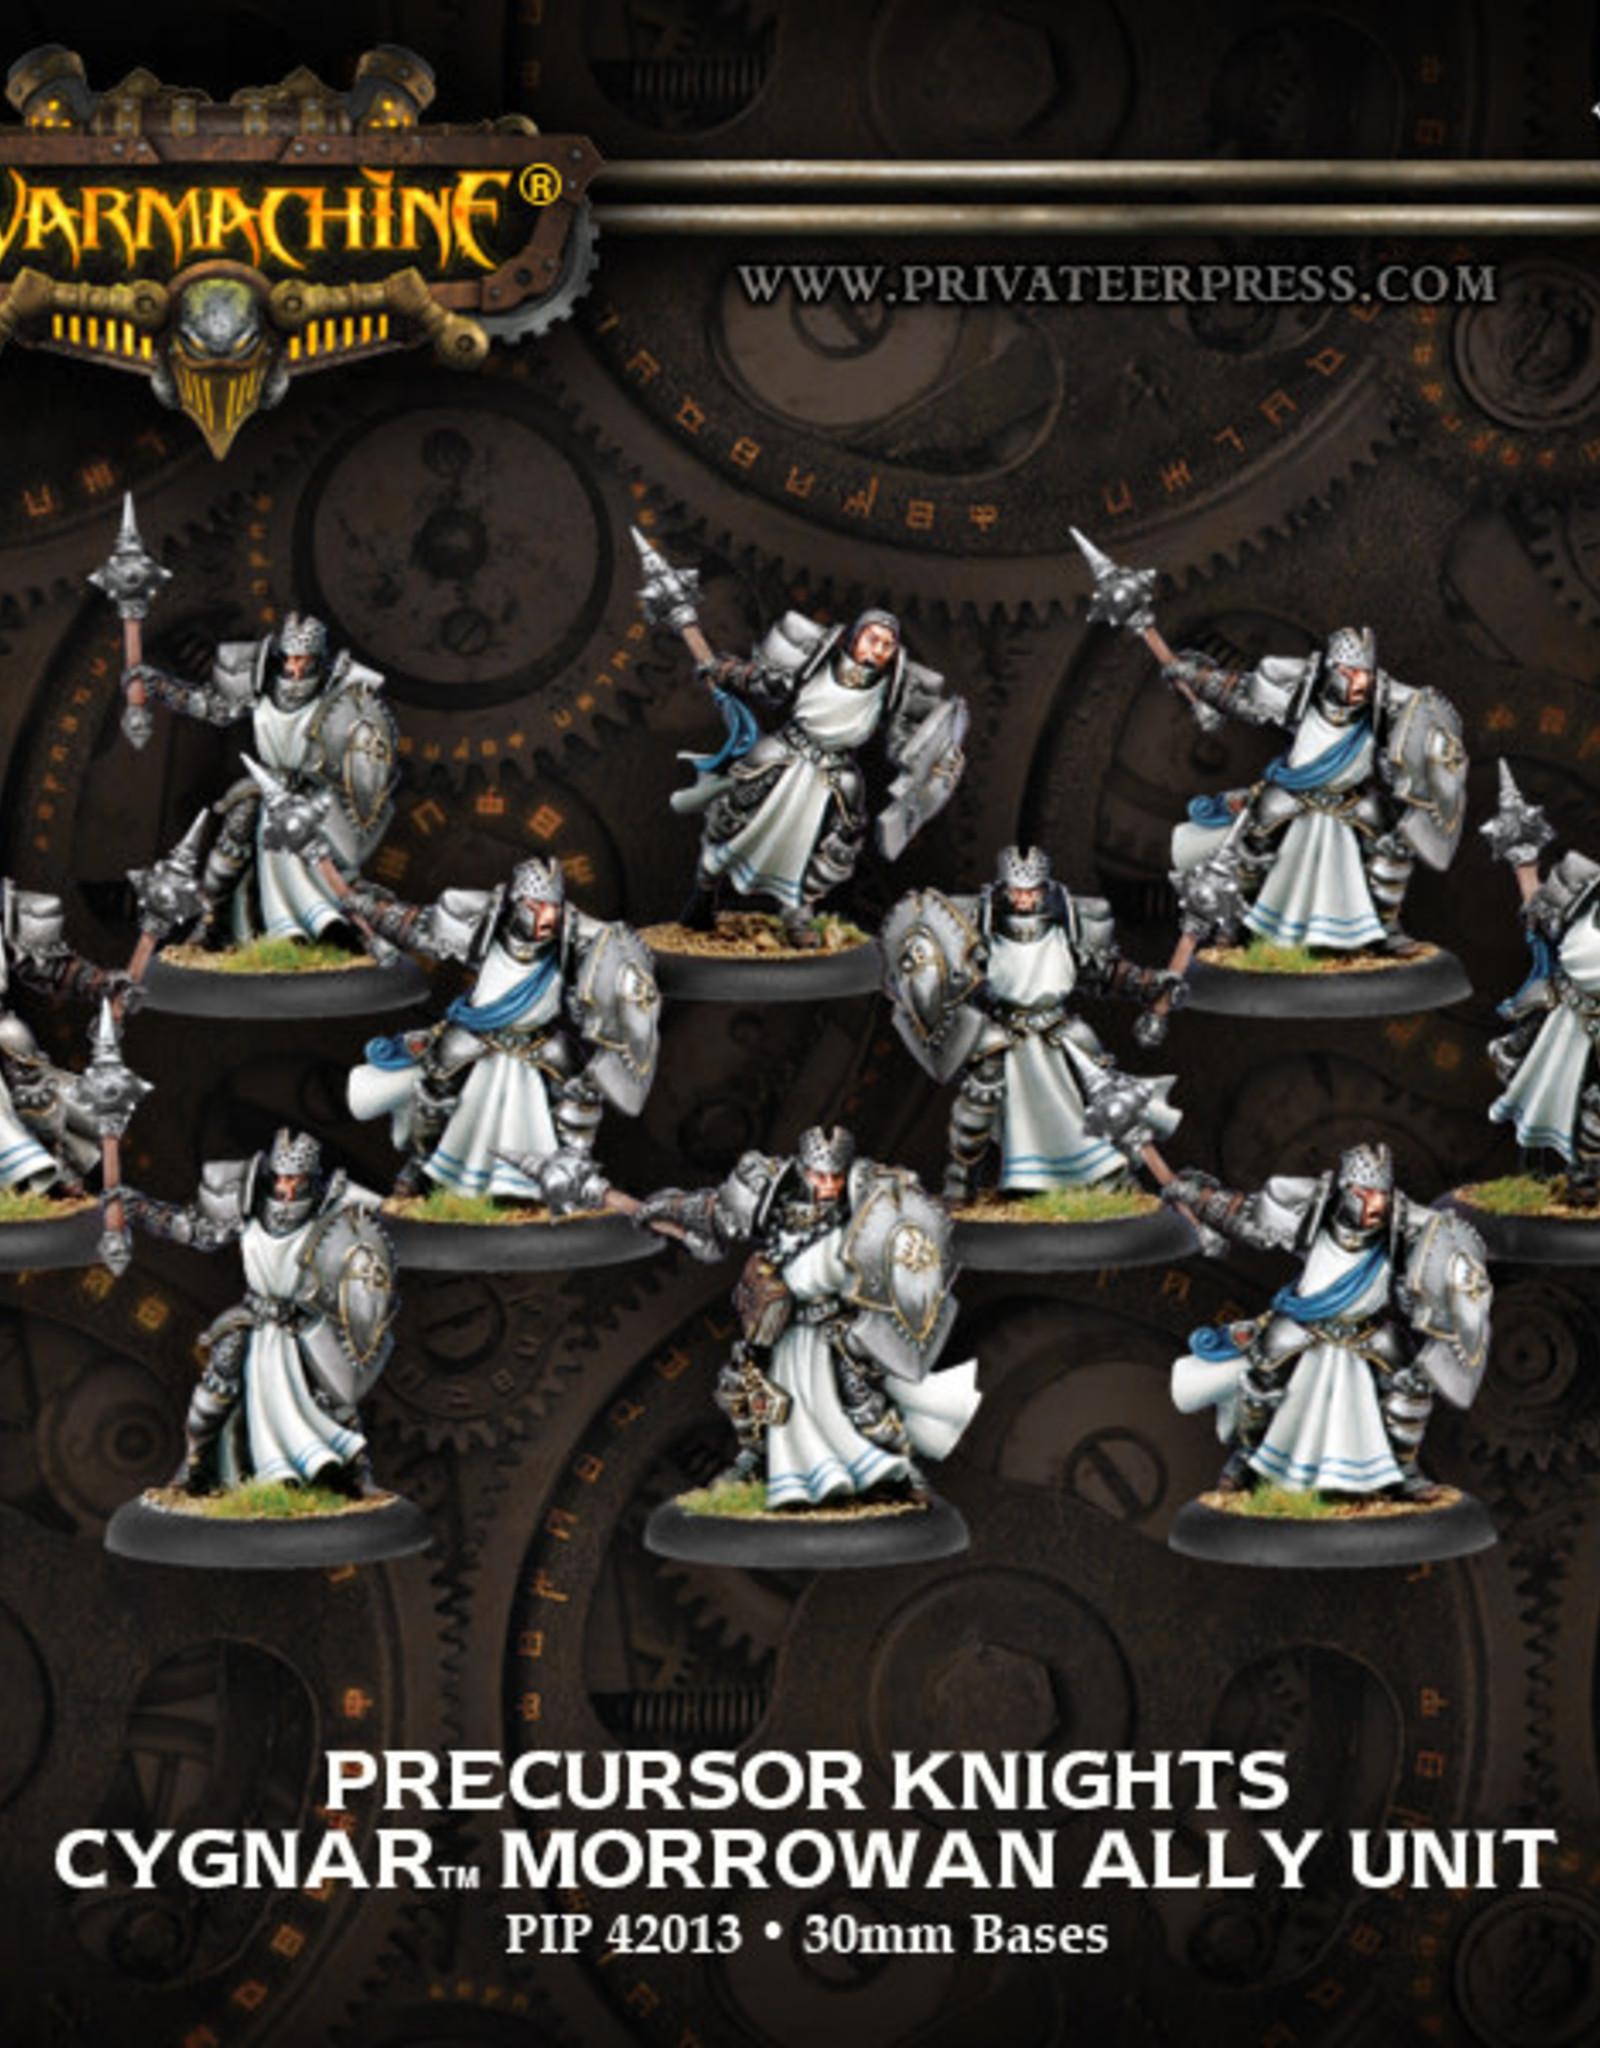 Warmachine Cygnar - Precursor Knights